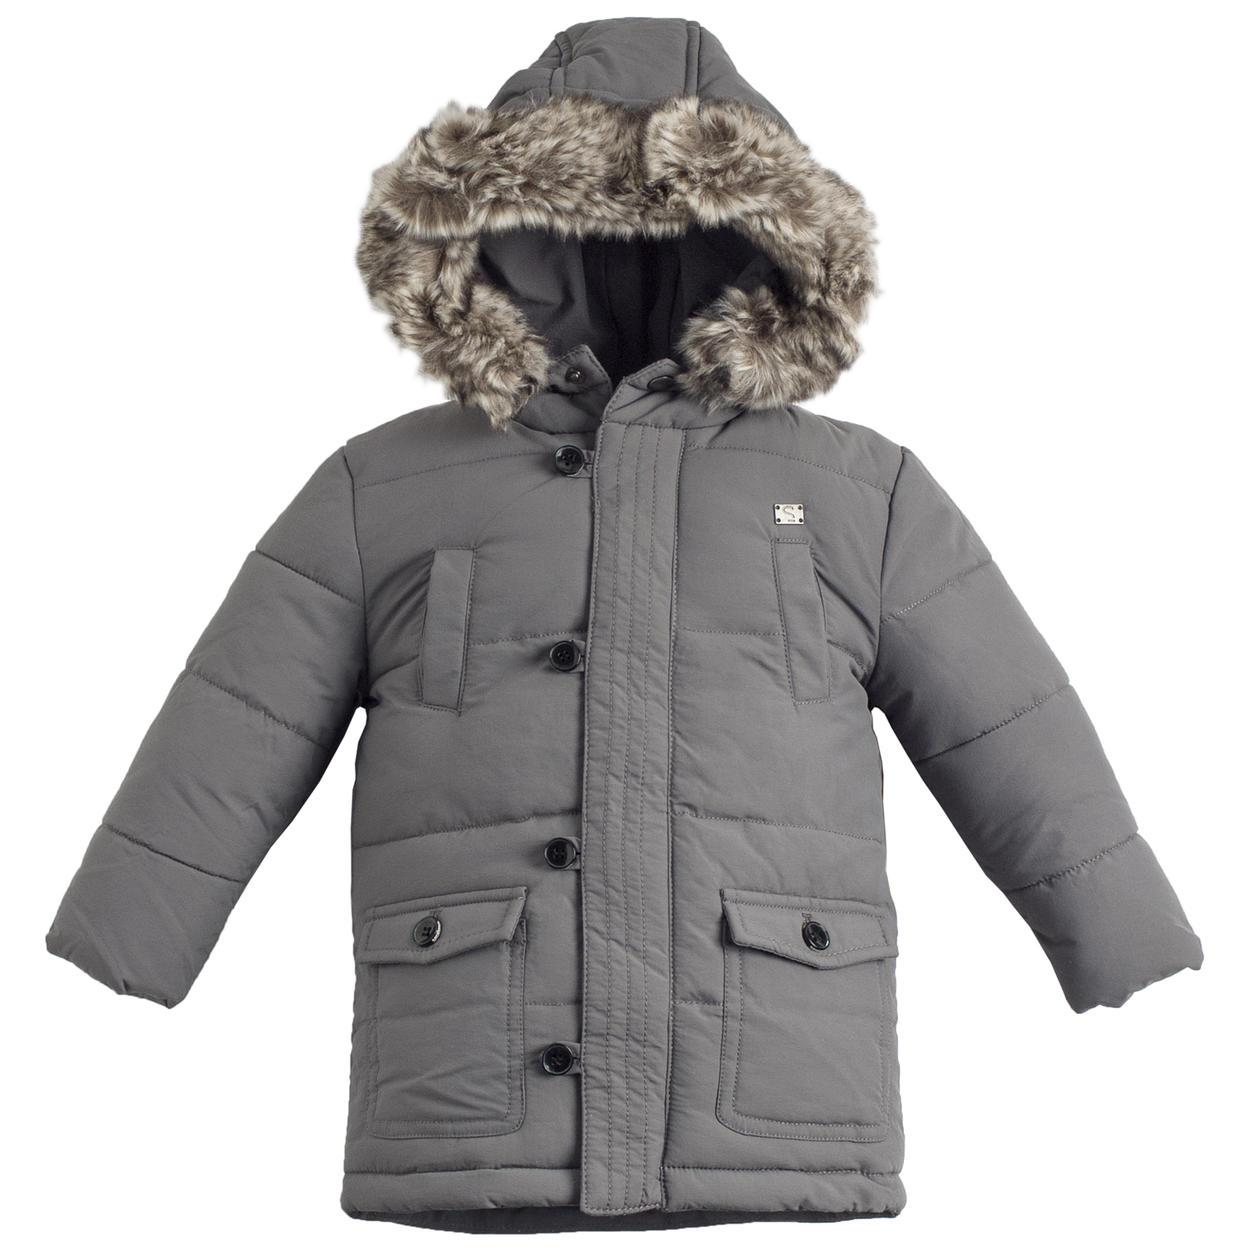 design senza tempo 3c73f 04999 Giubbotto invernale imbottito con ovatta effetto piuma per bambino da 6  mesi a 7 anni Sarabanda